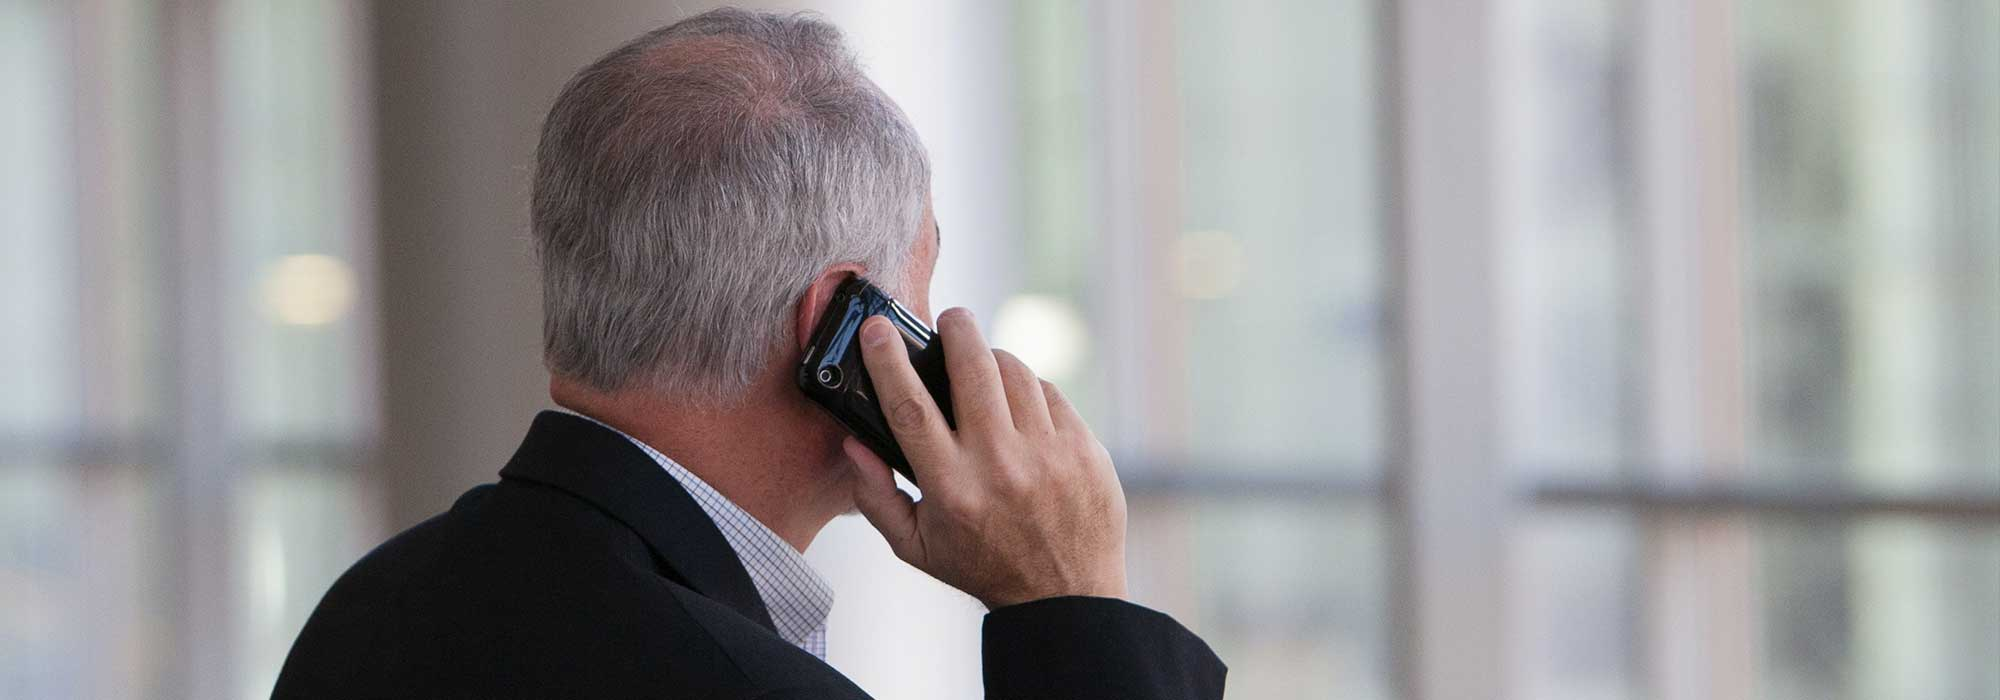 En mann som prater i telefon stående med ryggen til